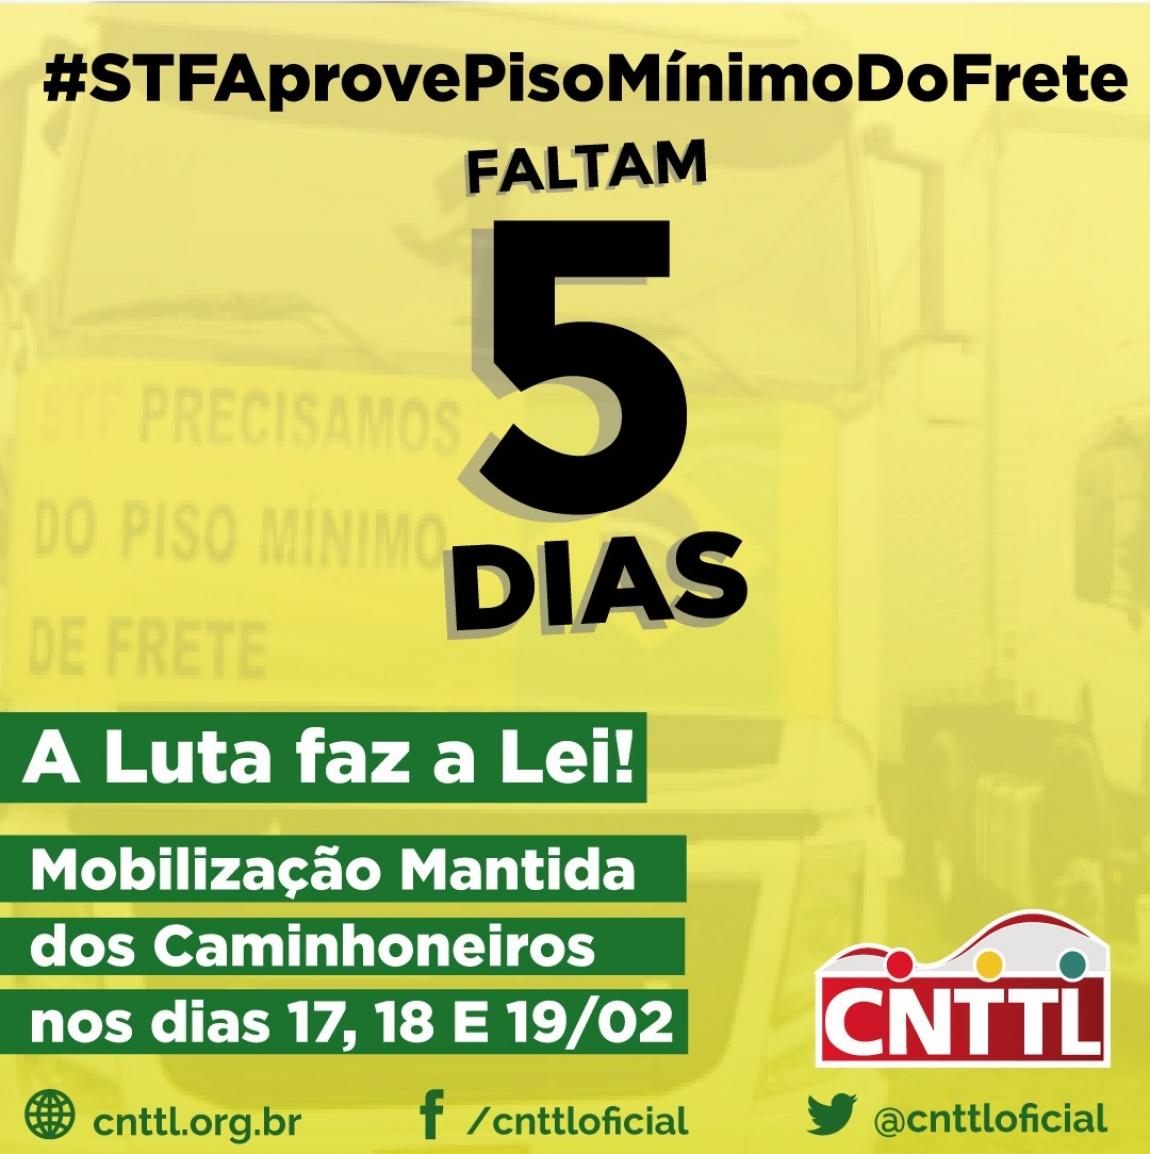 Imagem de #PisoMínimoFrete  AGU pede suspensão do julgamento do STF e caminhoneiros autônomos mantêm mobilização até o dia 19/2